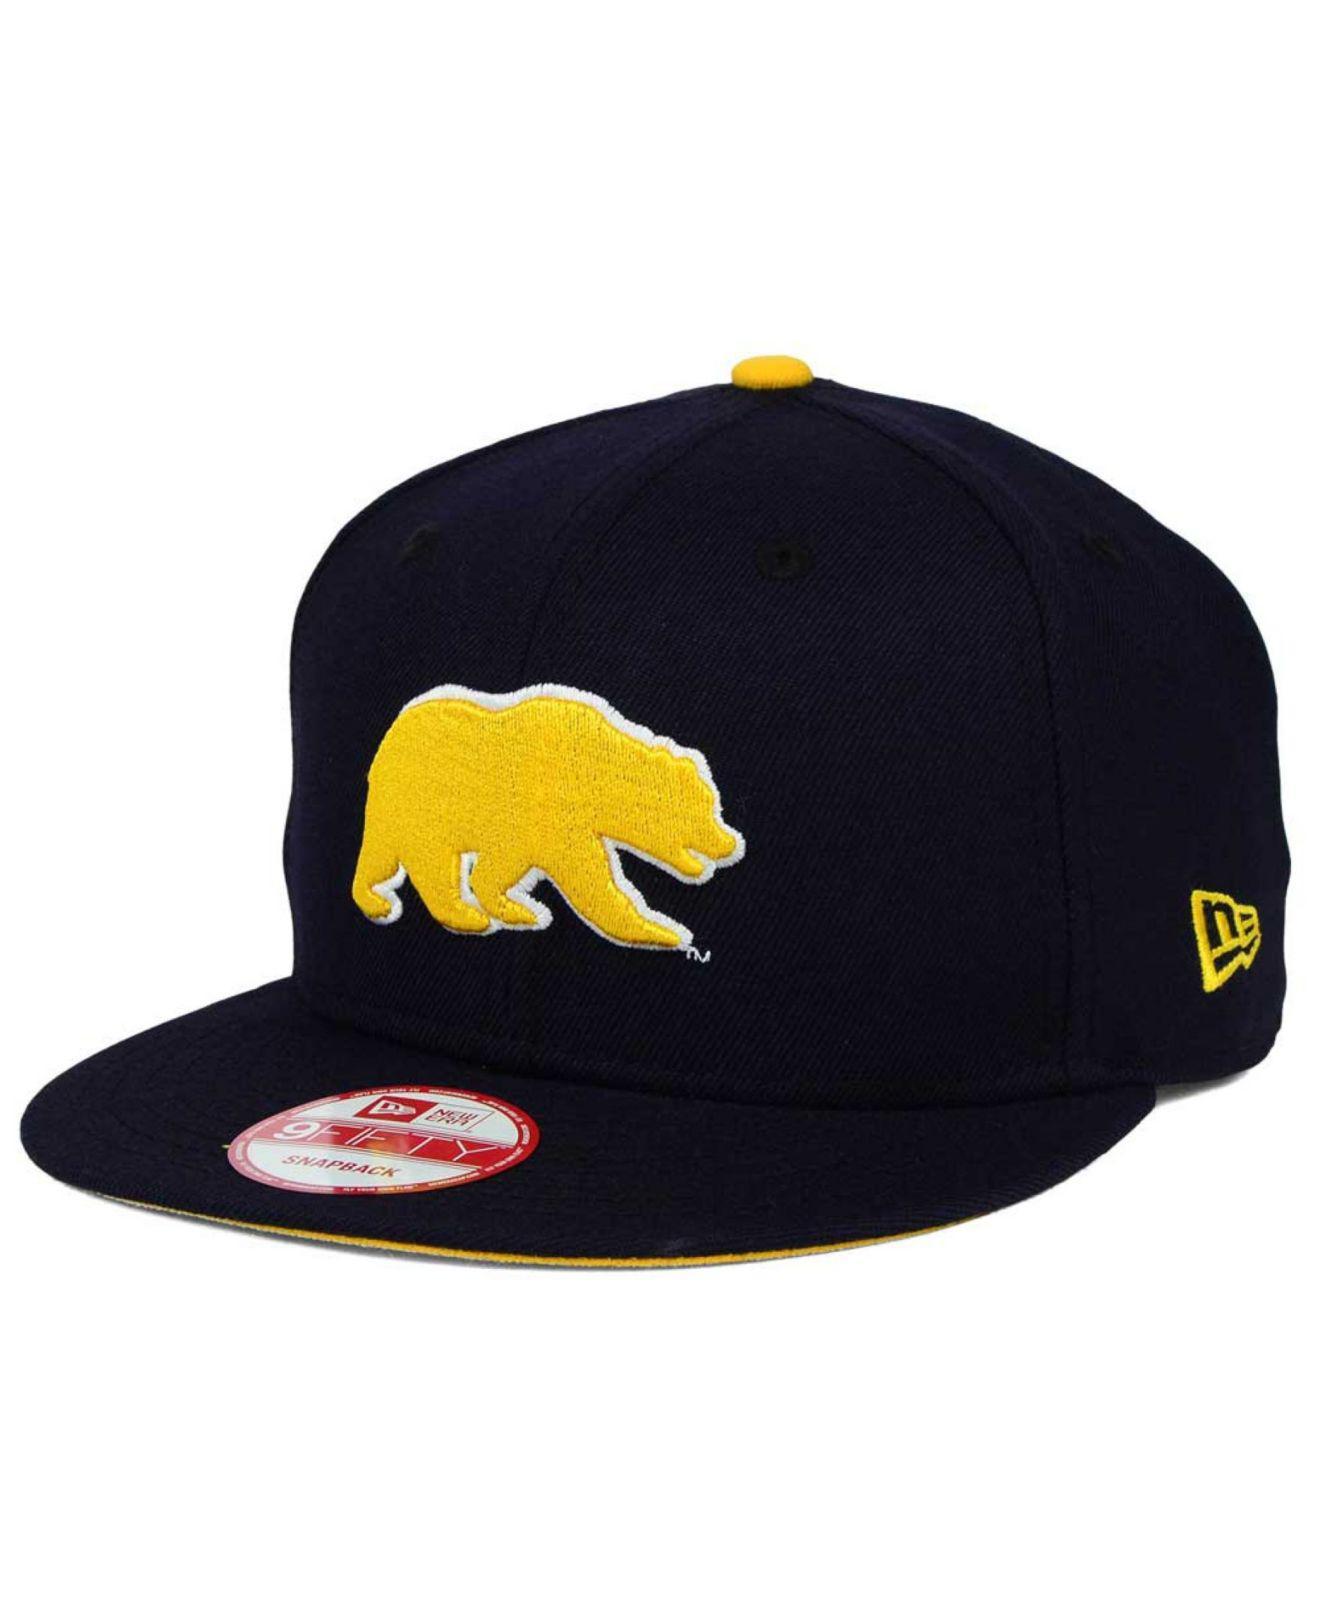 new arrival a3d07 77e43 ... reduced ktz. mens blue california golden bears core 9fifty snapback cap  04764 5ef84